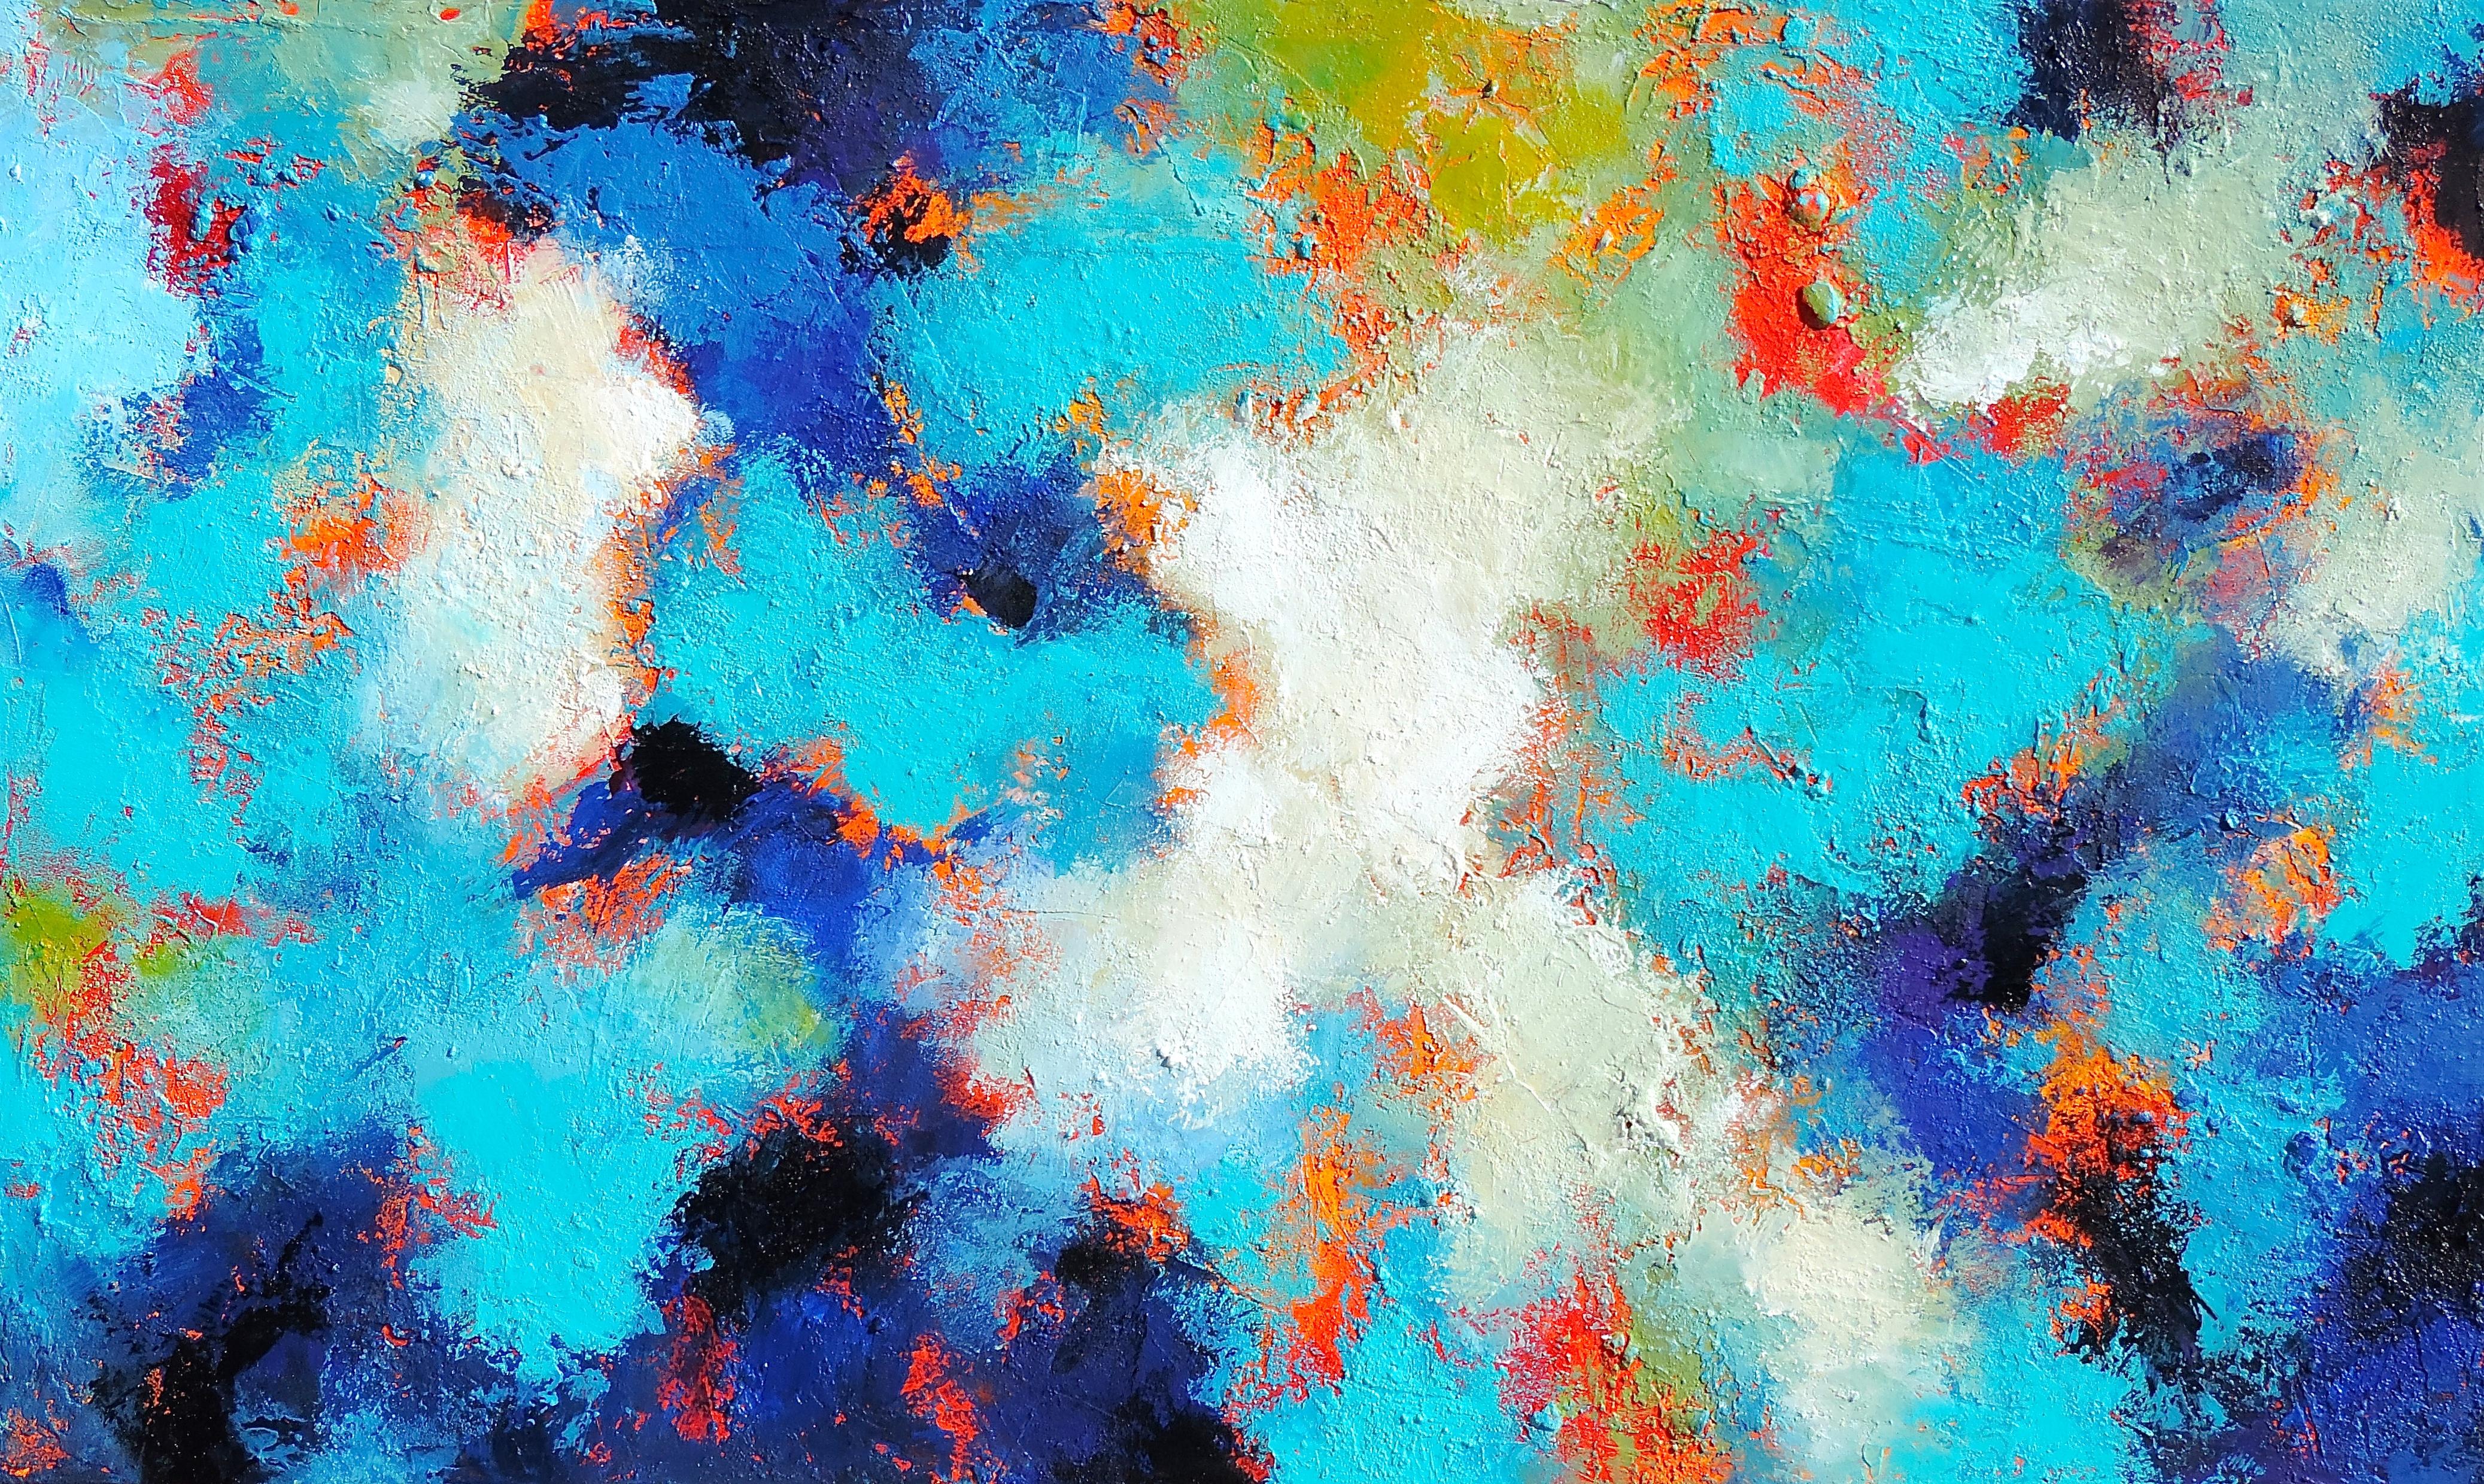 TurquoiseCrossing36 x 60